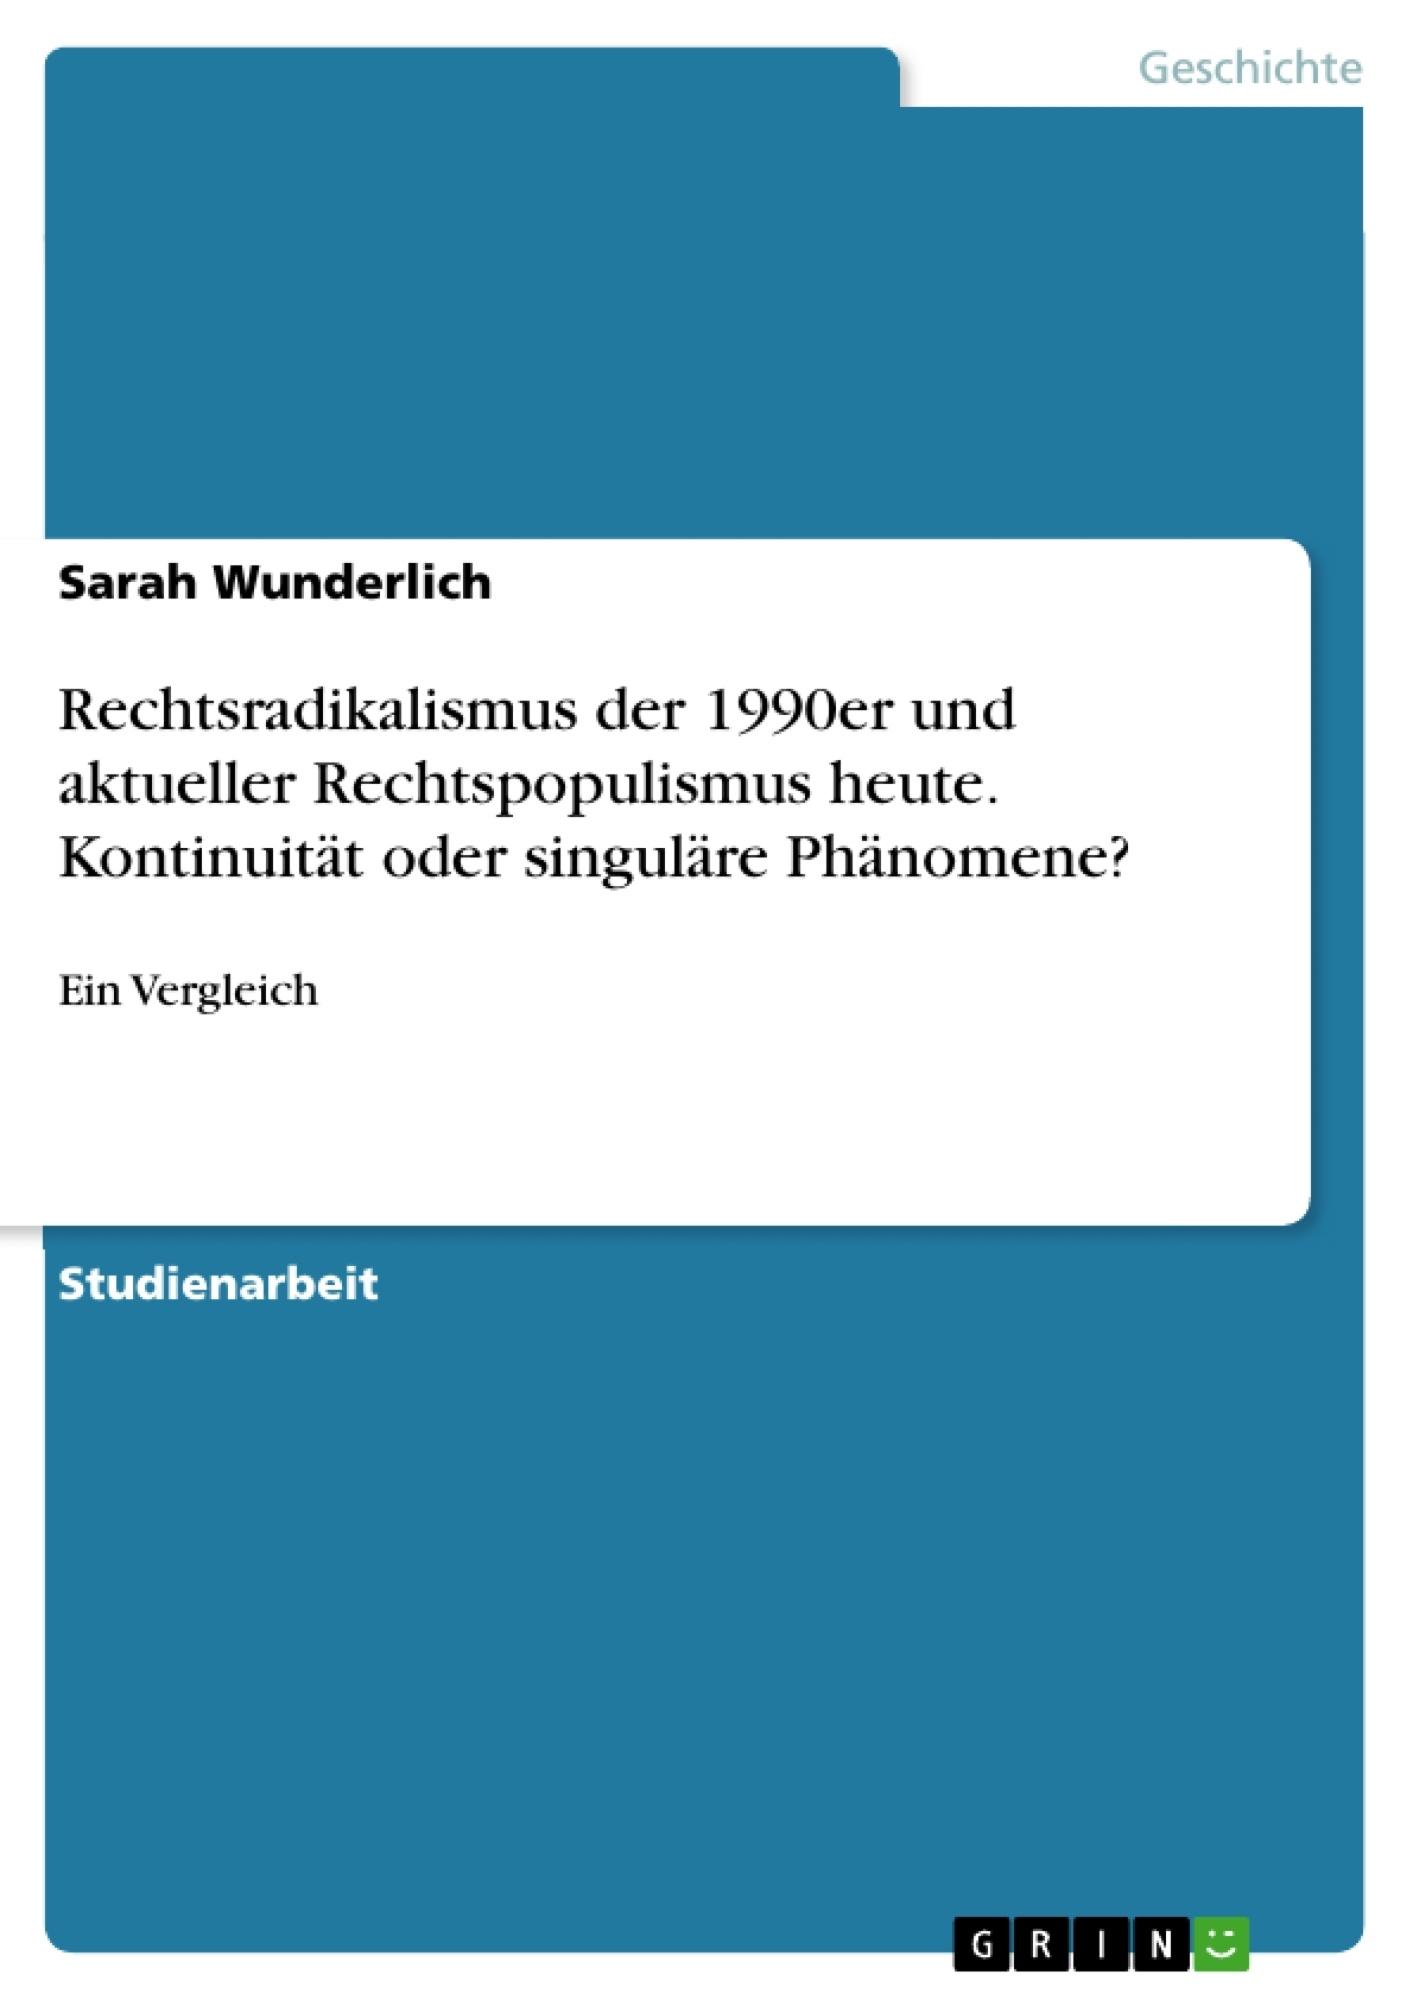 Titel: Rechtsradikalismus der 1990er und aktueller Rechtspopulismus heute. Kontinuität oder singuläre Phänomene?